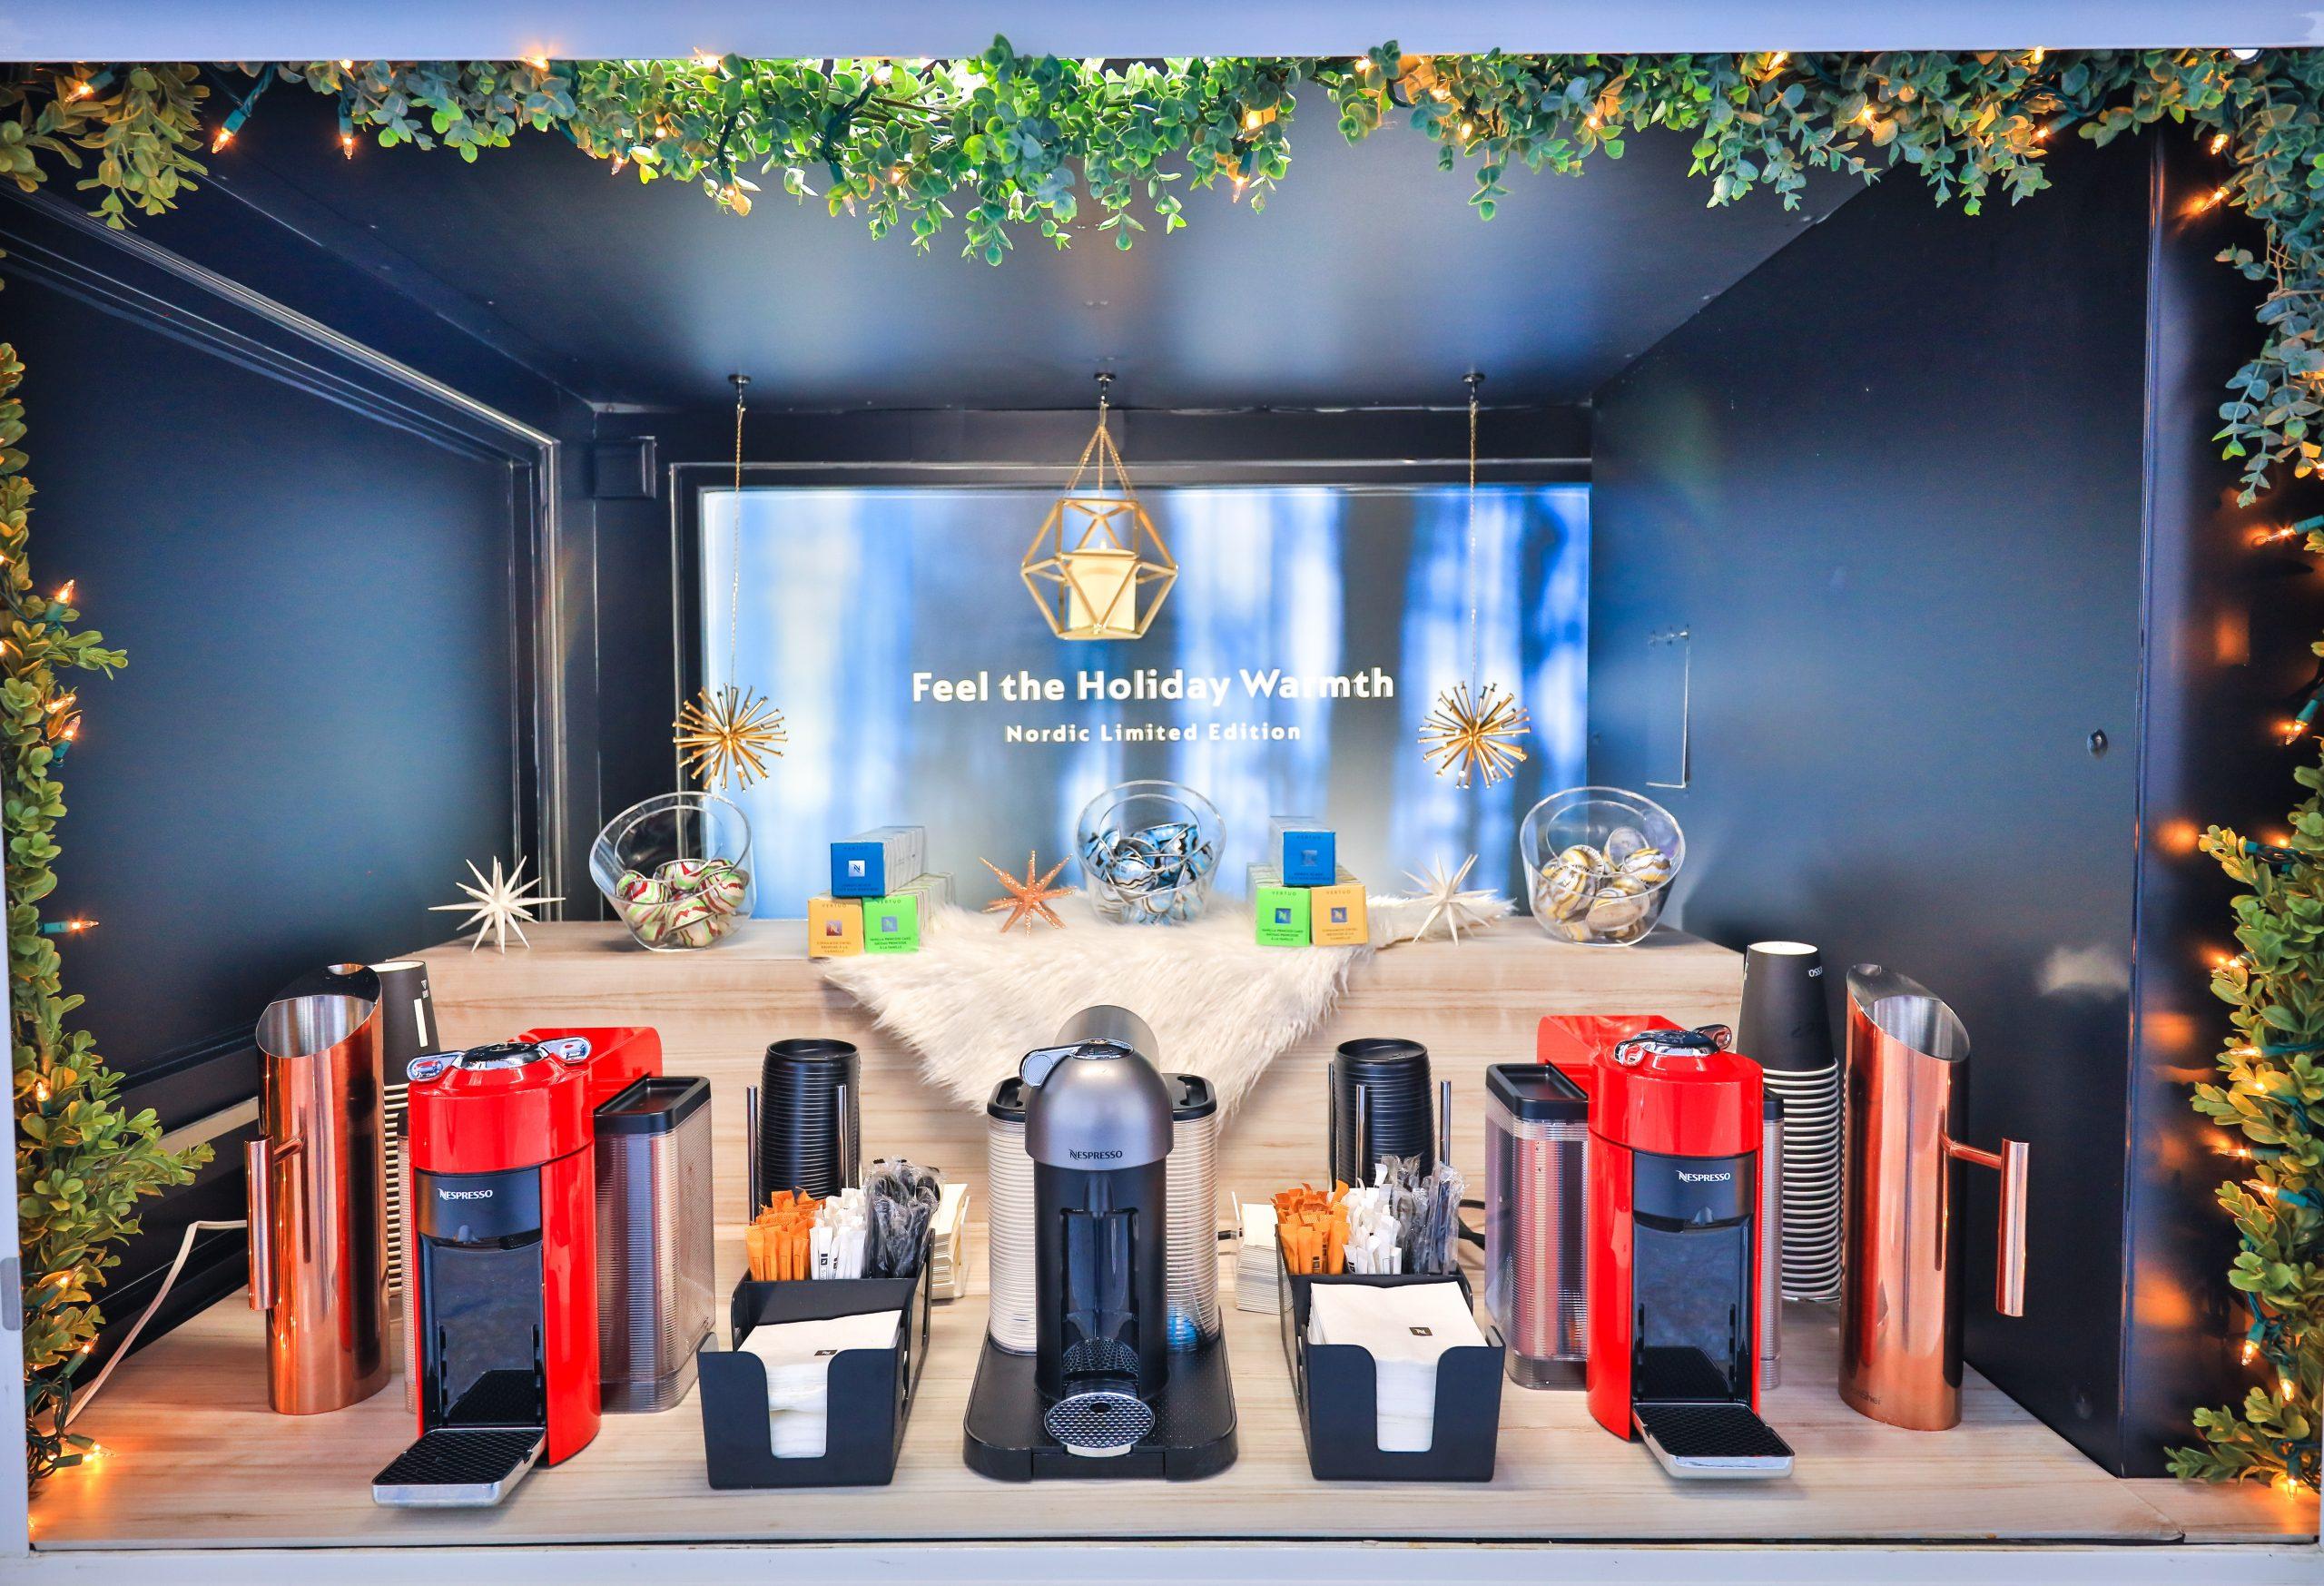 Nespresso-Pop-Up-Store-Tour-Case-Study